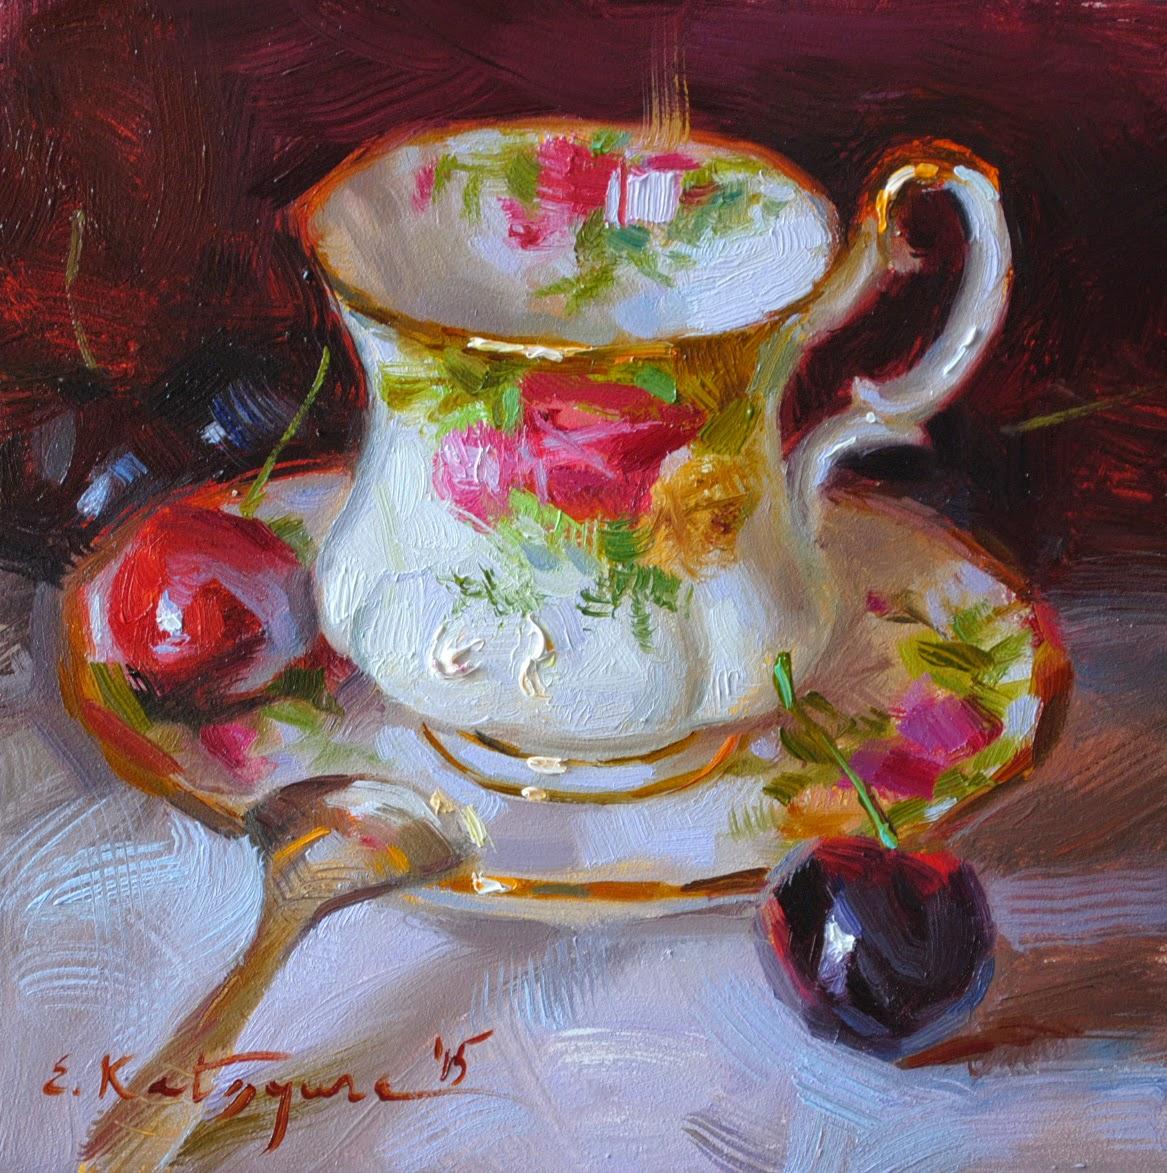 Oil Painting Of Tea Set